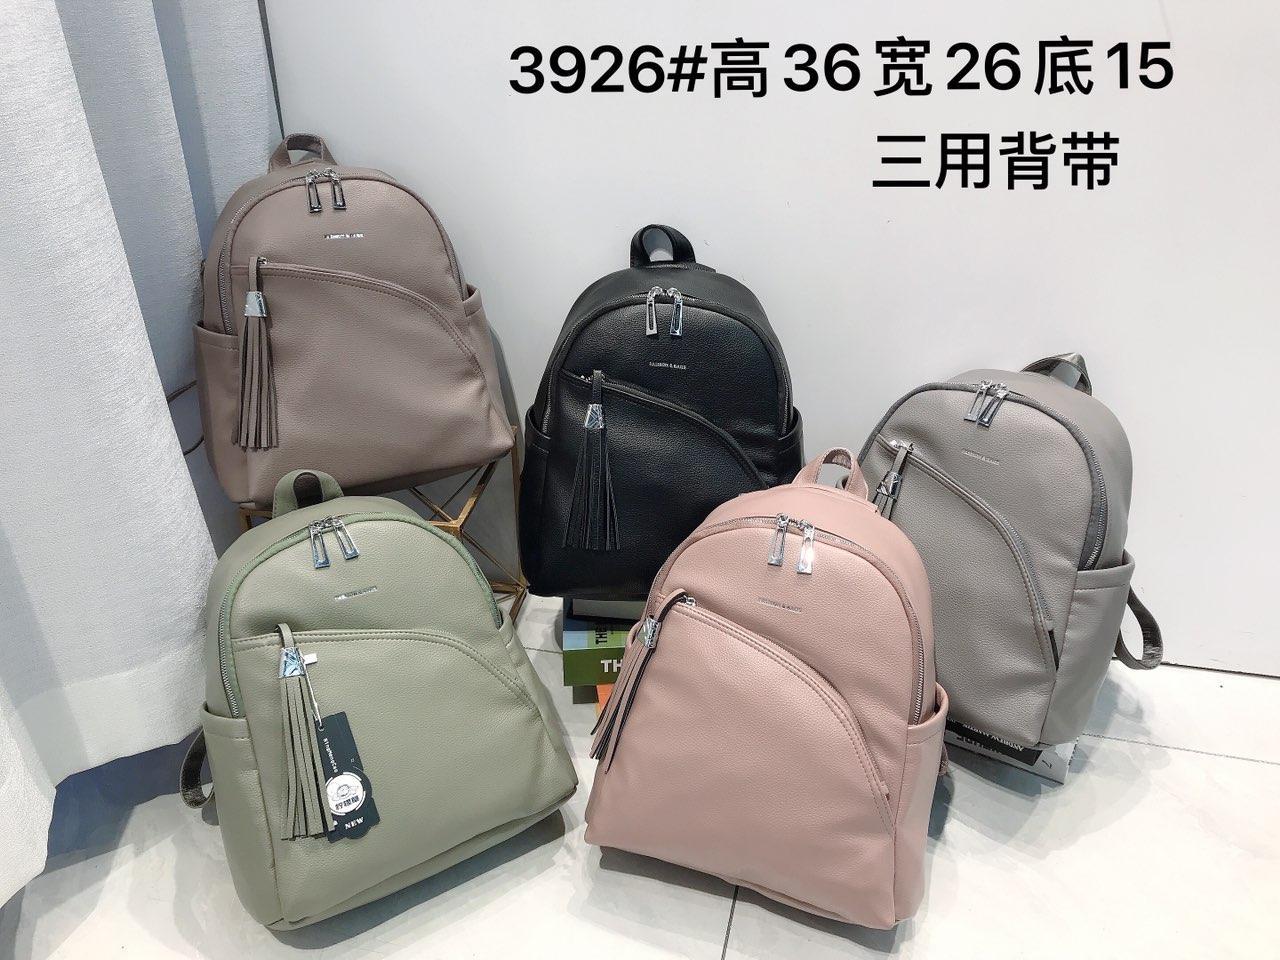 Рюкзак женский городской 36*26 см искусственная кожа в разных цветах Mark